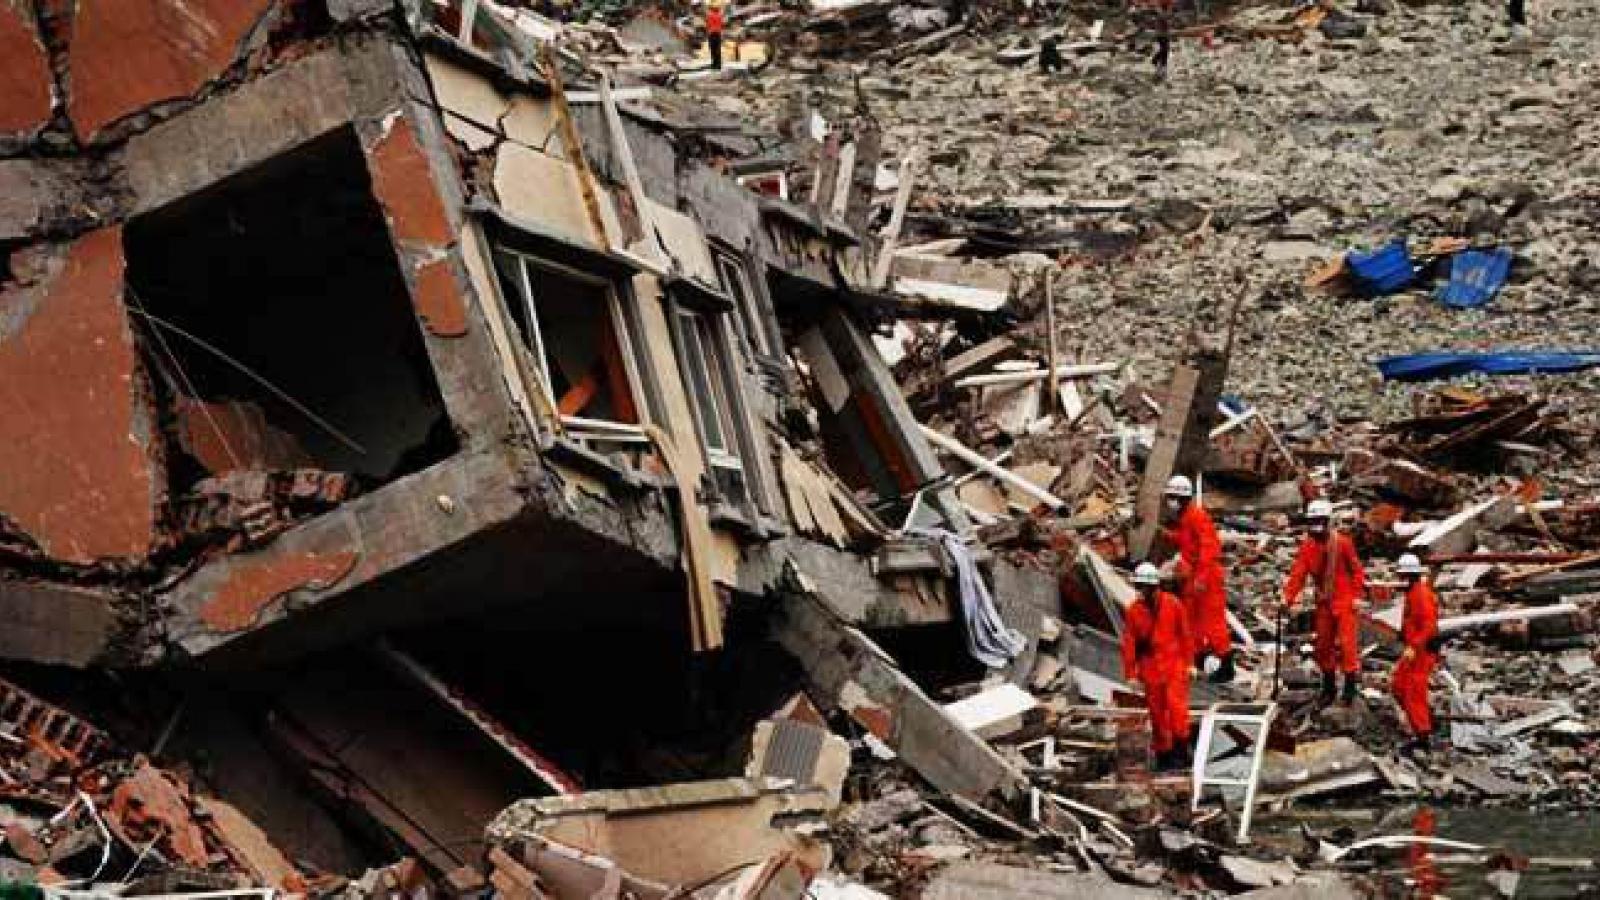 Trung Quốc xảy ra hơn 500 trận động đất trên 3 độ từ đầu năm đến nay